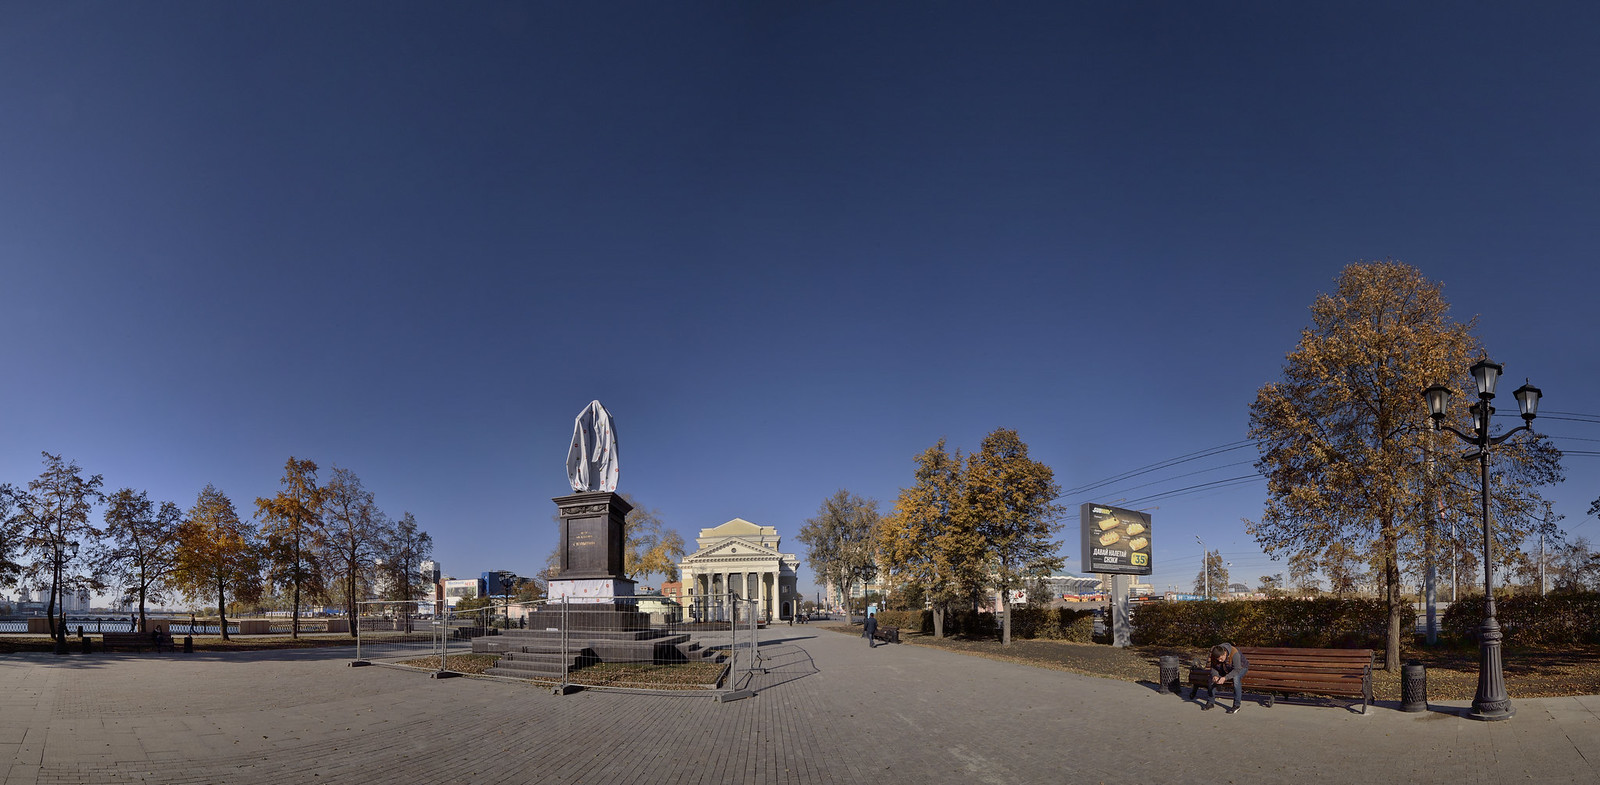 Челябинск памятник Столыпину